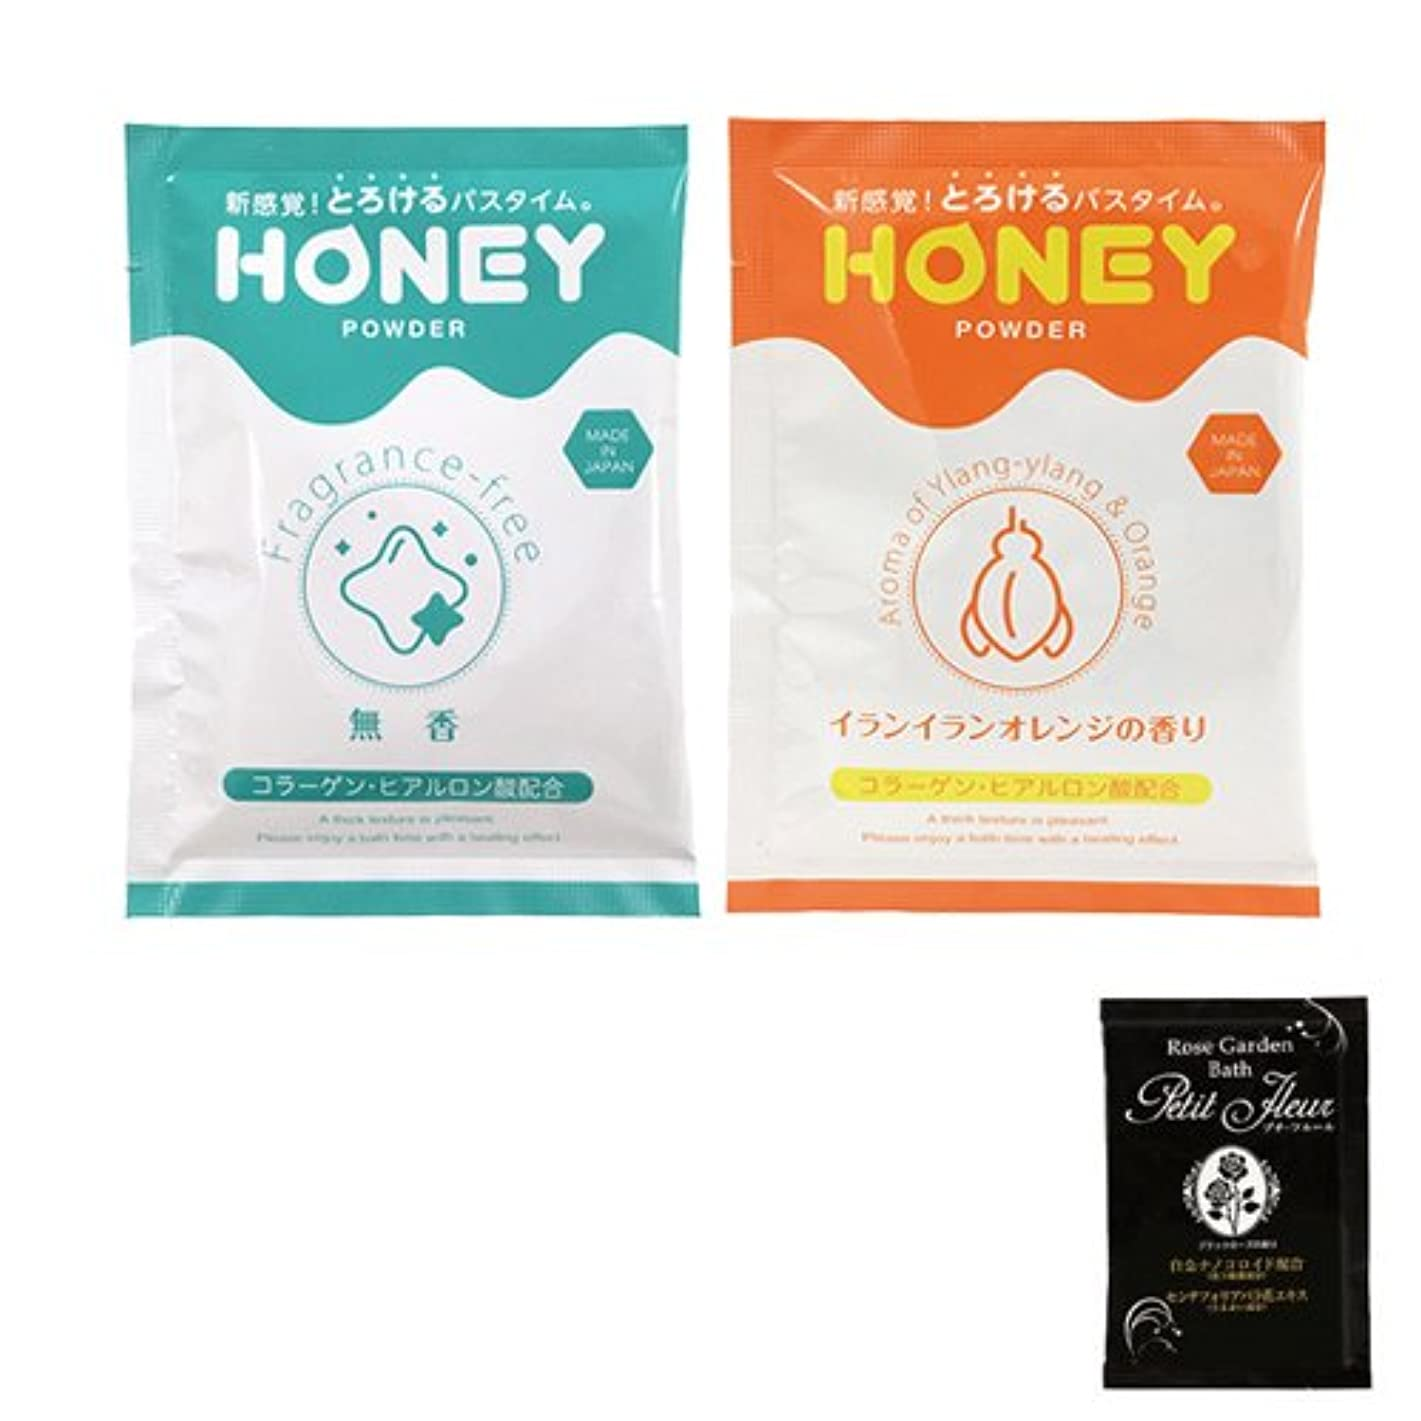 使役バイパス取り消すとろとろ入浴剤【honey powder】粉末タイプ イランイランオレンジの香り + 無香 + 入浴剤(プチフルール)1回分